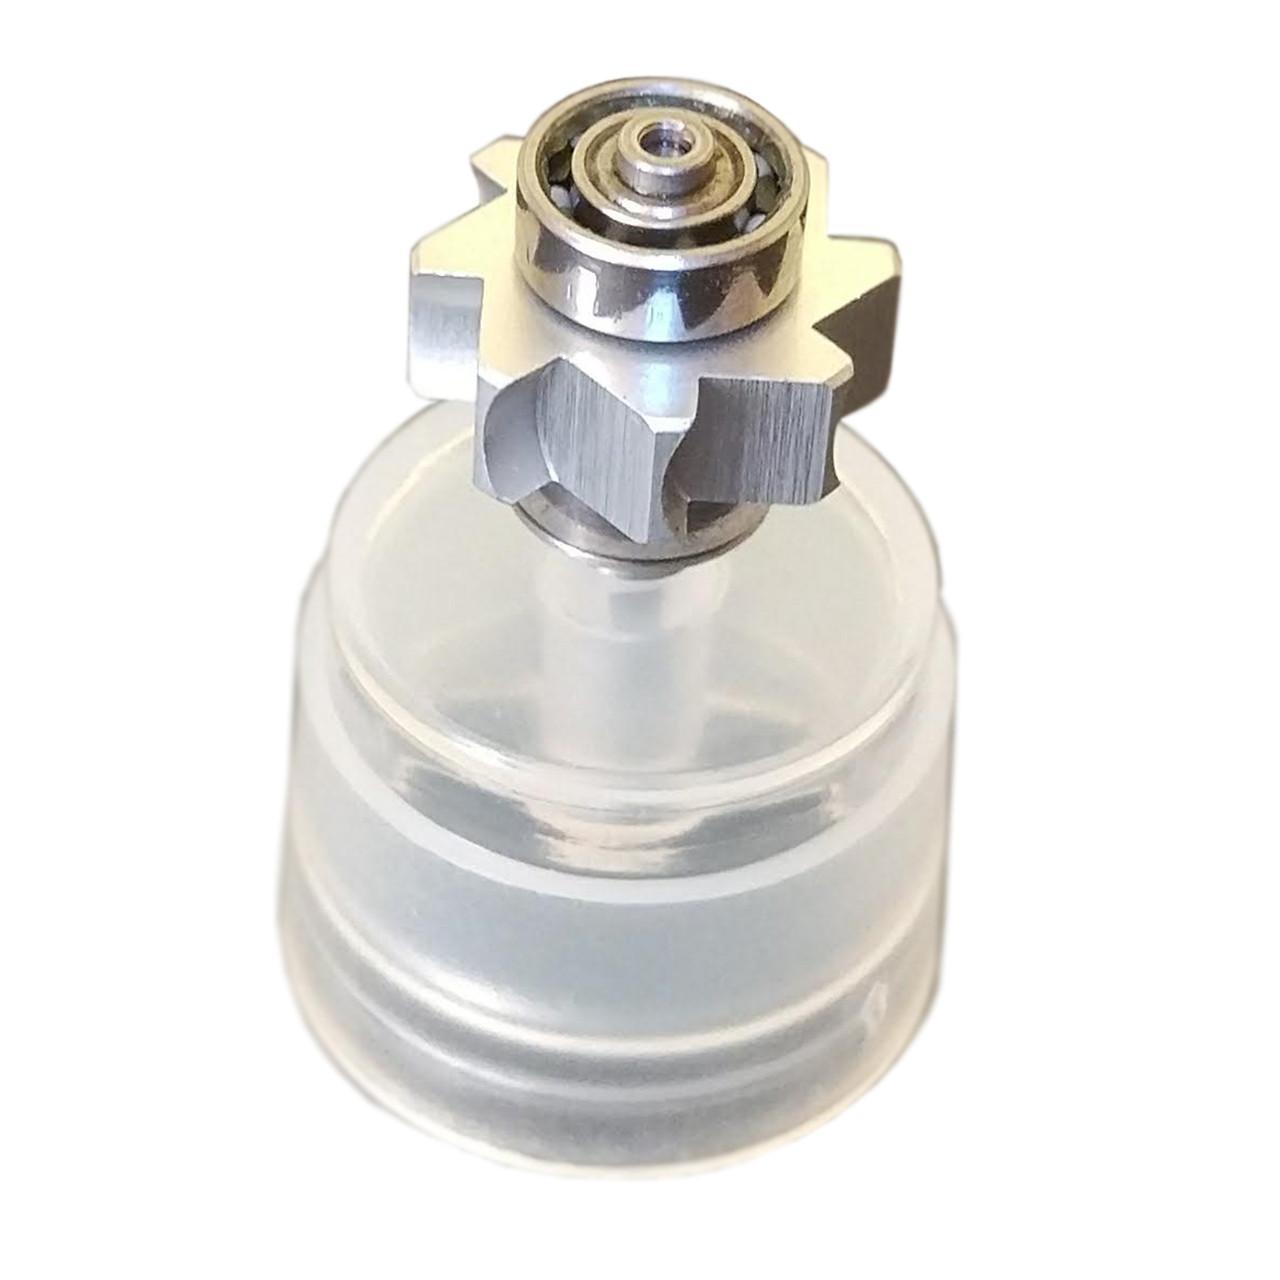 Роторная группа к турбинным наконечникам BLX dental с керамическими подшипниками производство Япония